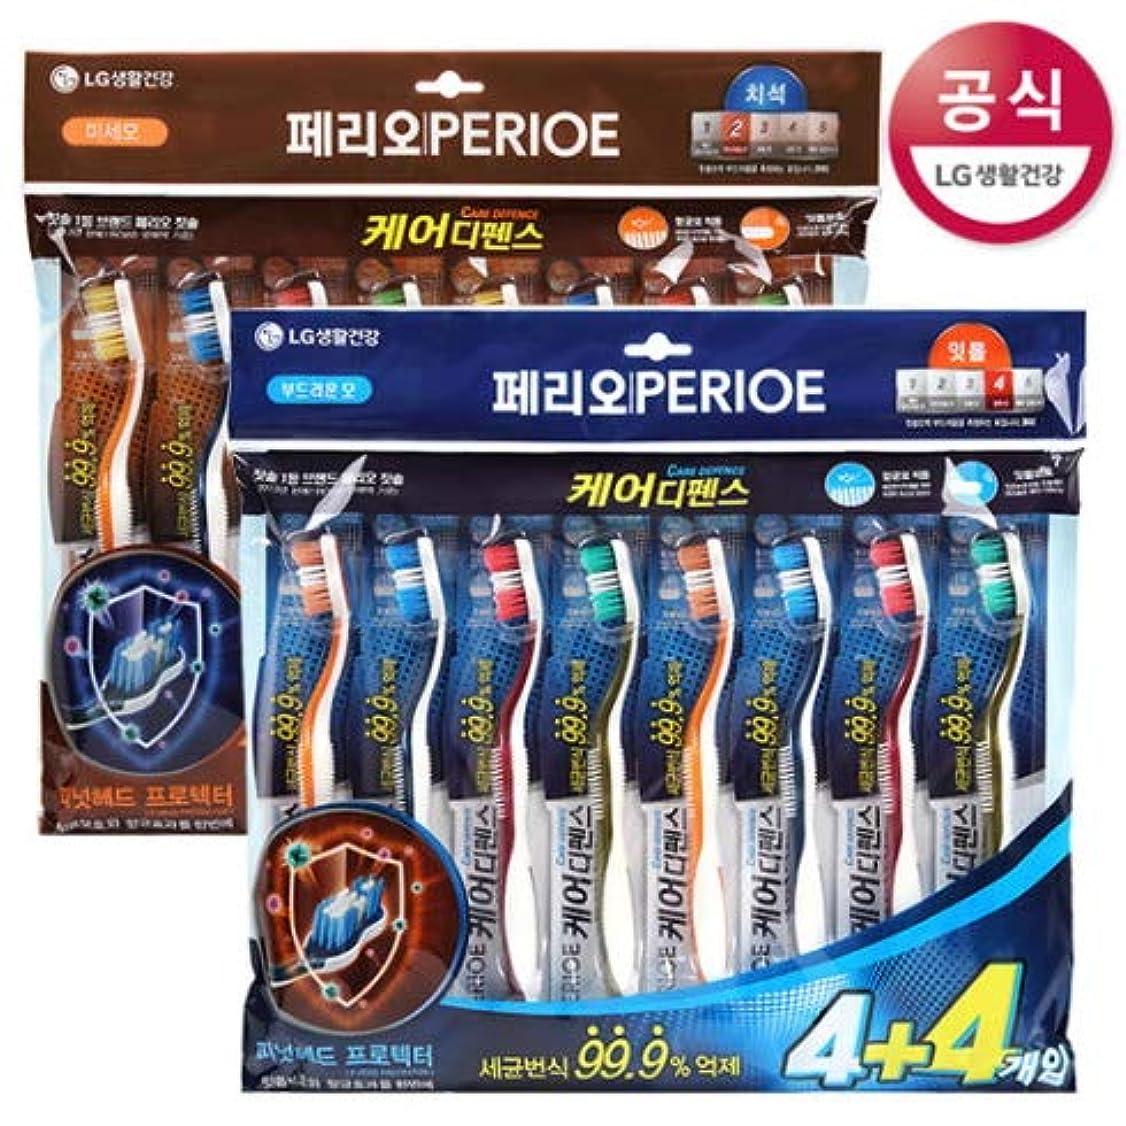 [LG HnB] Perio CareDance Toothbrush/ペリオケアディフェンス歯ブラシ 8口x2個(海外直送品)